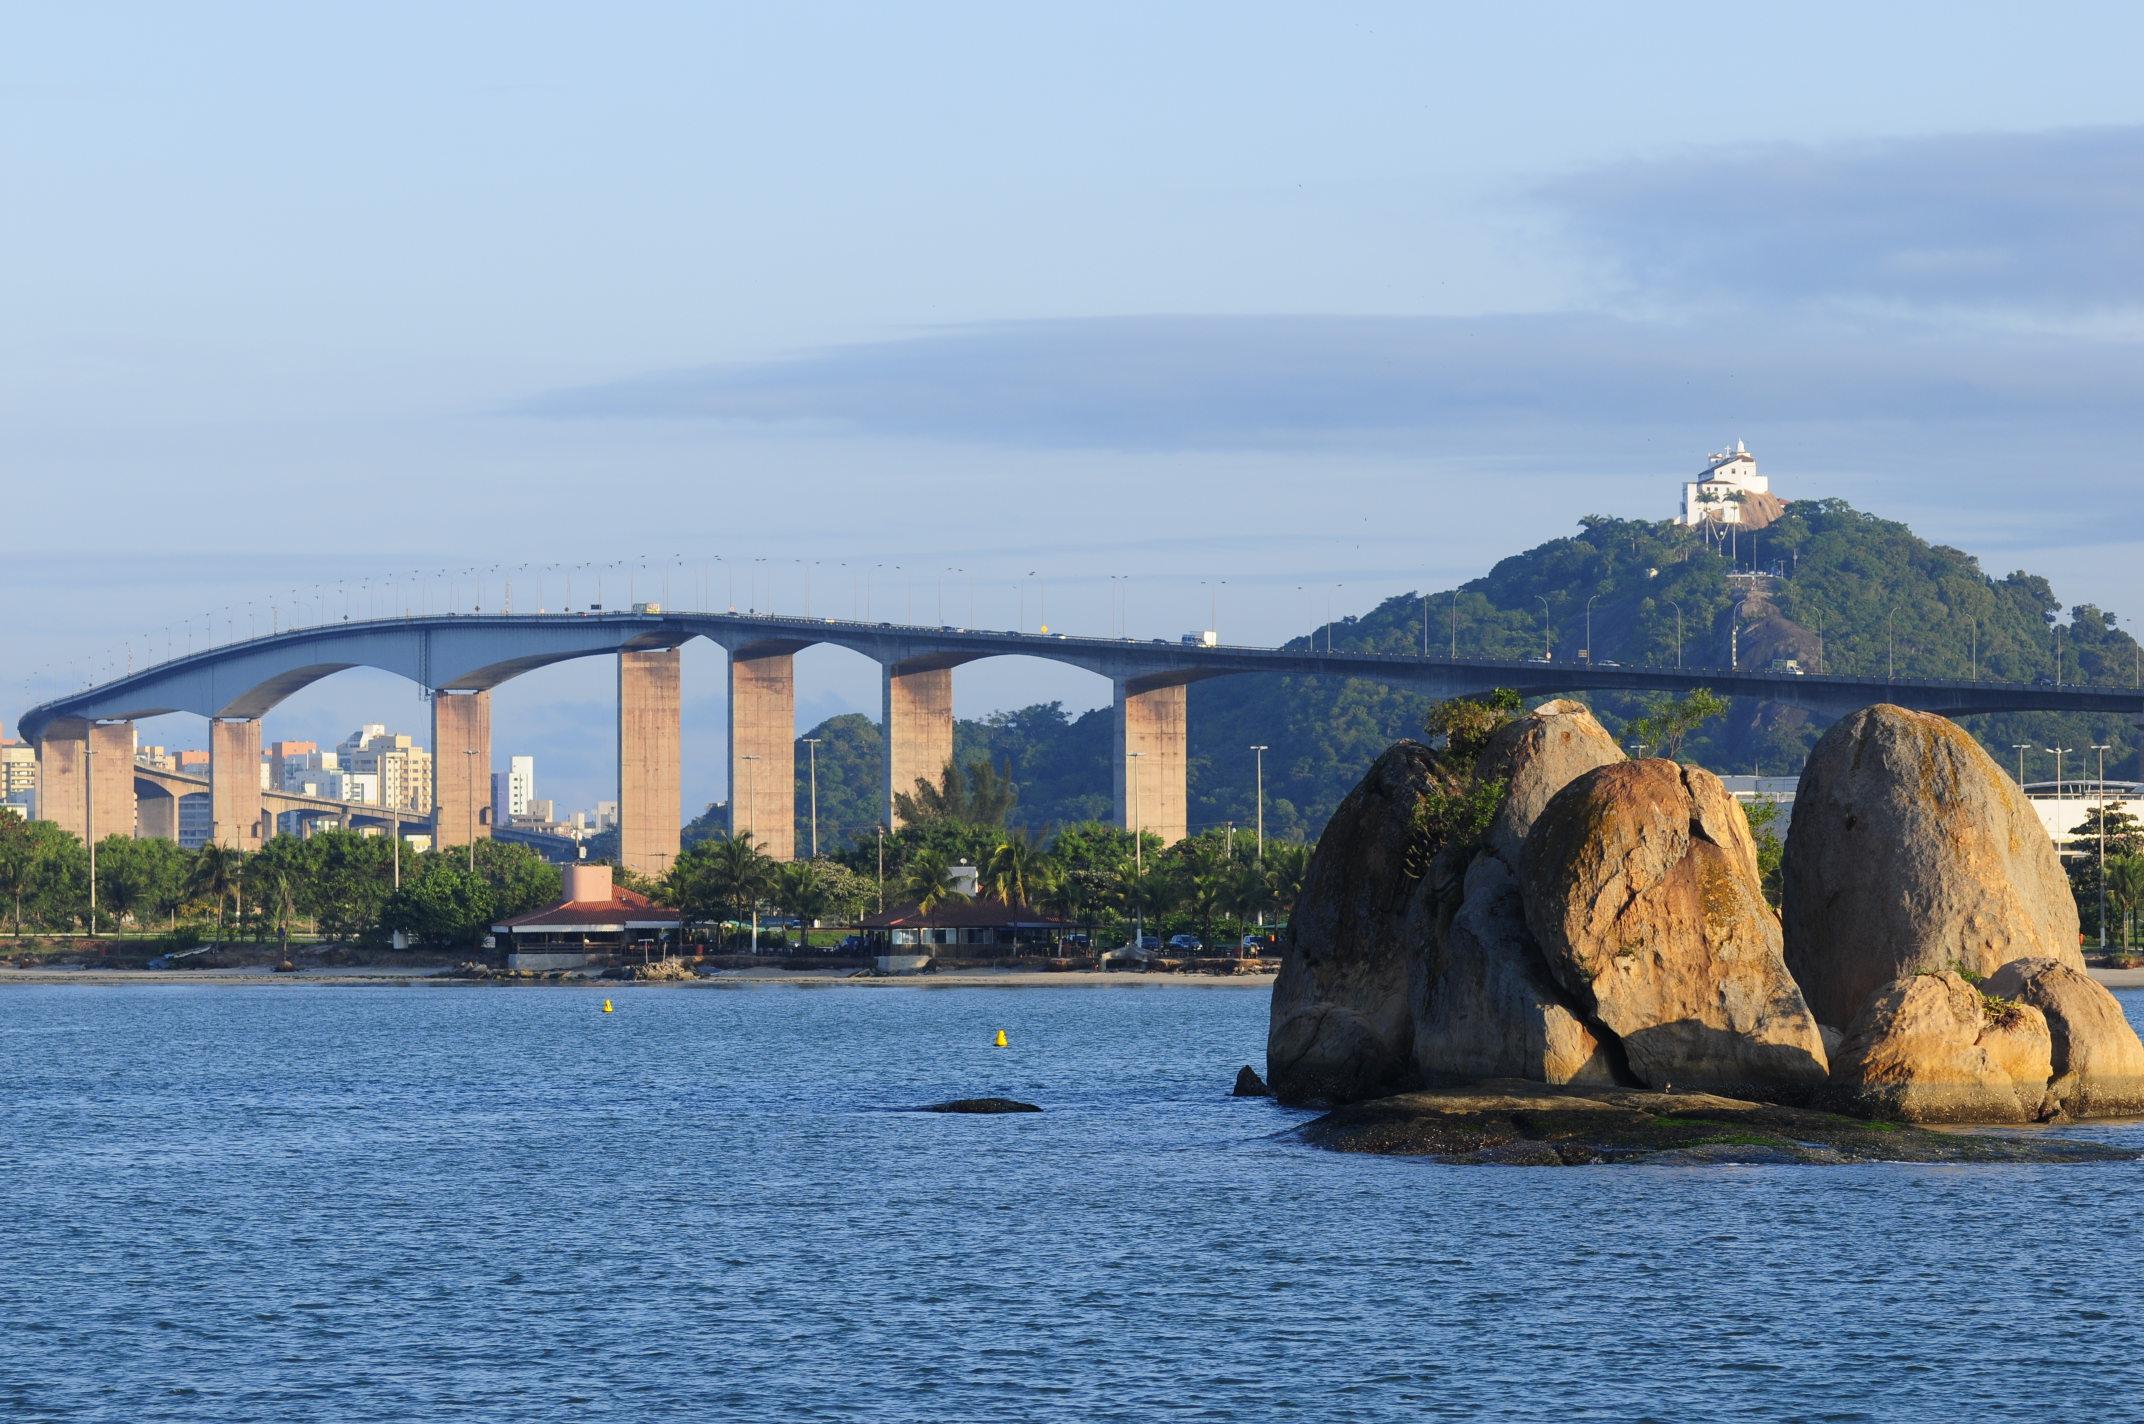 O Convento da Penha visto da baía de Vitória. Foto: Gabriel Lordêllo, arquivo PR/ES